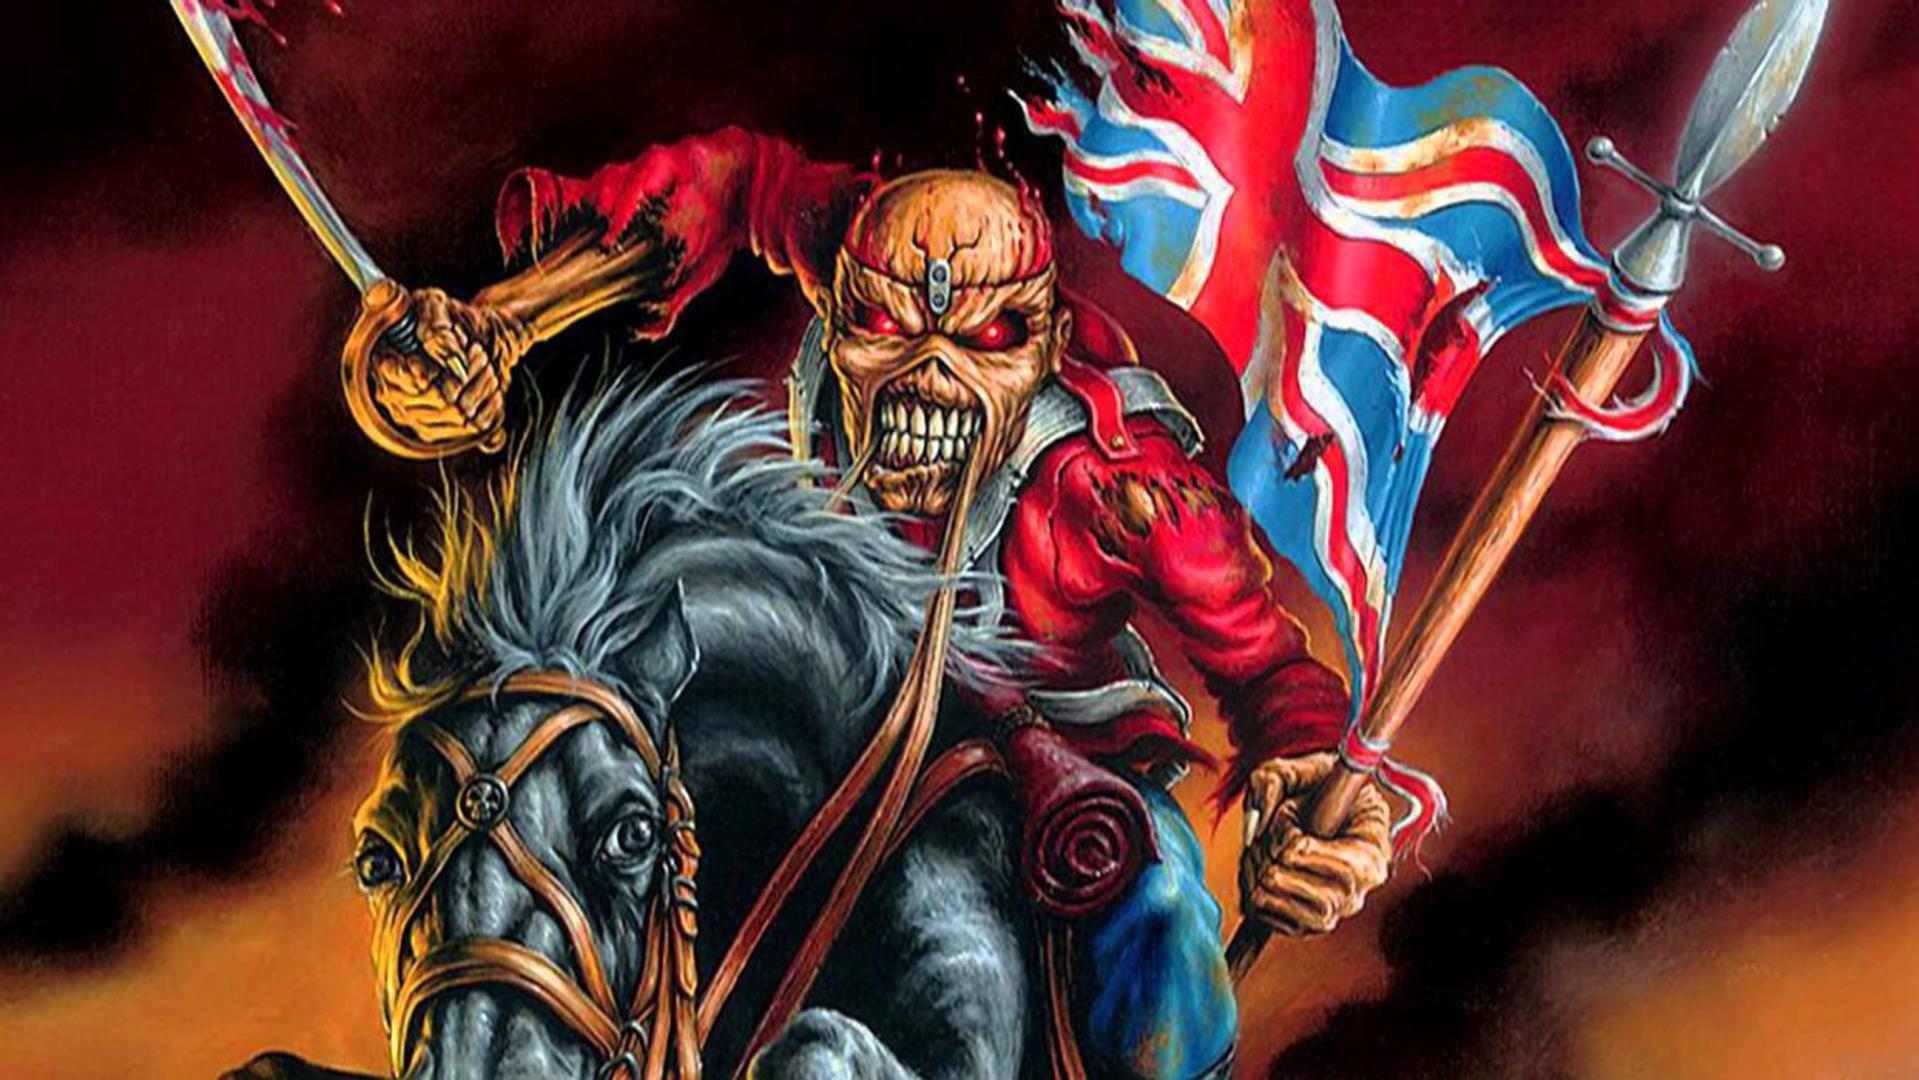 Iron Maiden Eddie Ed Hunter Eddie The Head Ironmaiden Eddie Edhunter Eddiethehead Ironmaideneddie Met Iron Maiden Eddie Eddie The Head Iron Maiden